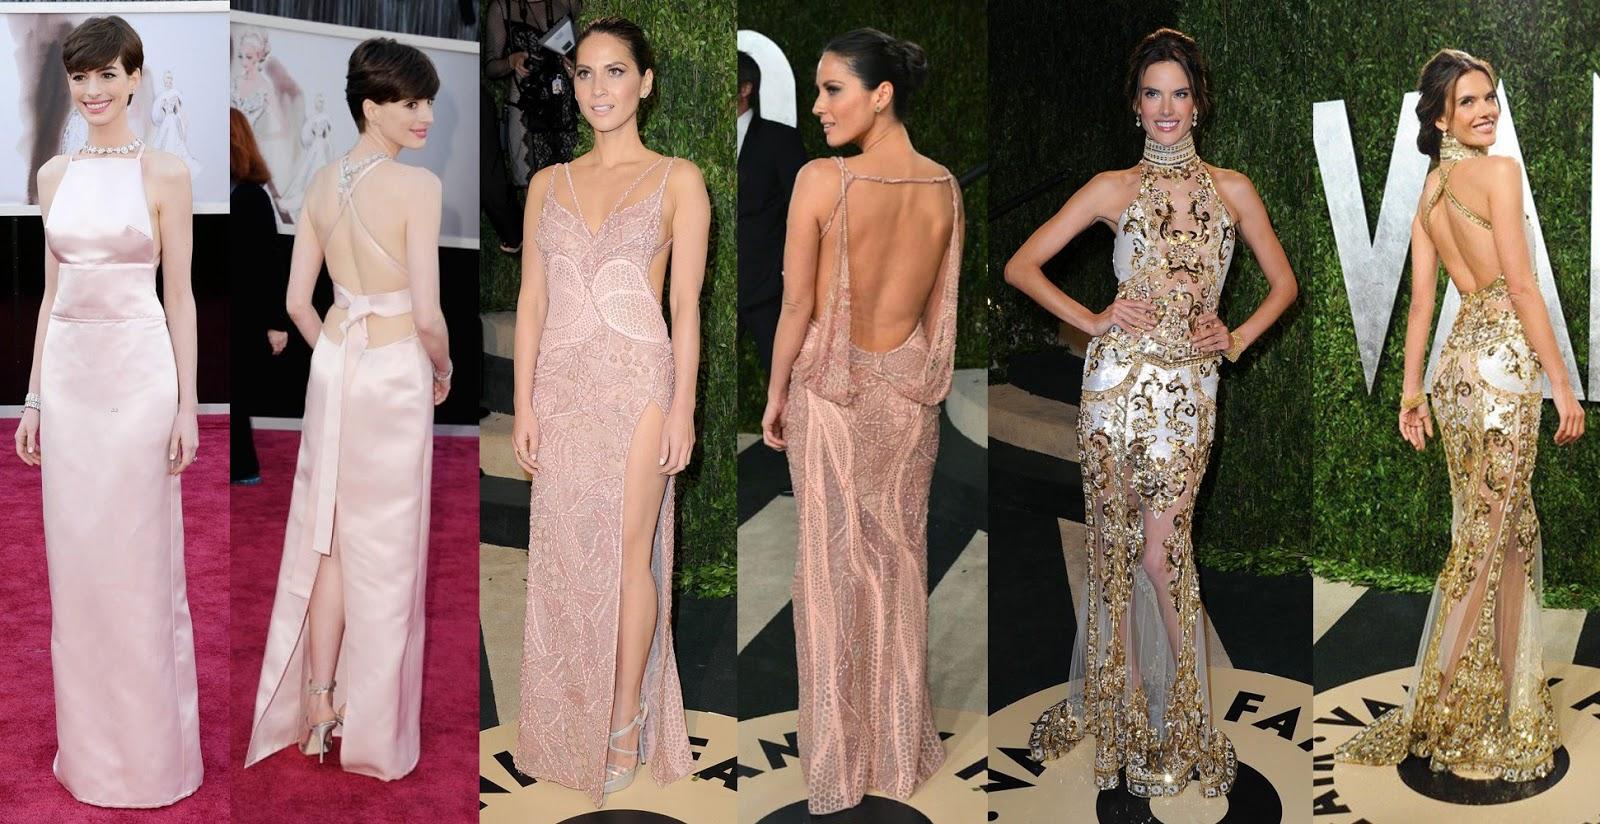 http://1.bp.blogspot.com/-5SgIVBgP5V4/UTYiNeIZ_FI/AAAAAAAAB2Y/rOl9UTOJfAY/s1600/COSTAS+1+Anne+Hathaway+-+Olivia+Munn+e+Alessandra+Ambrosio.jpg